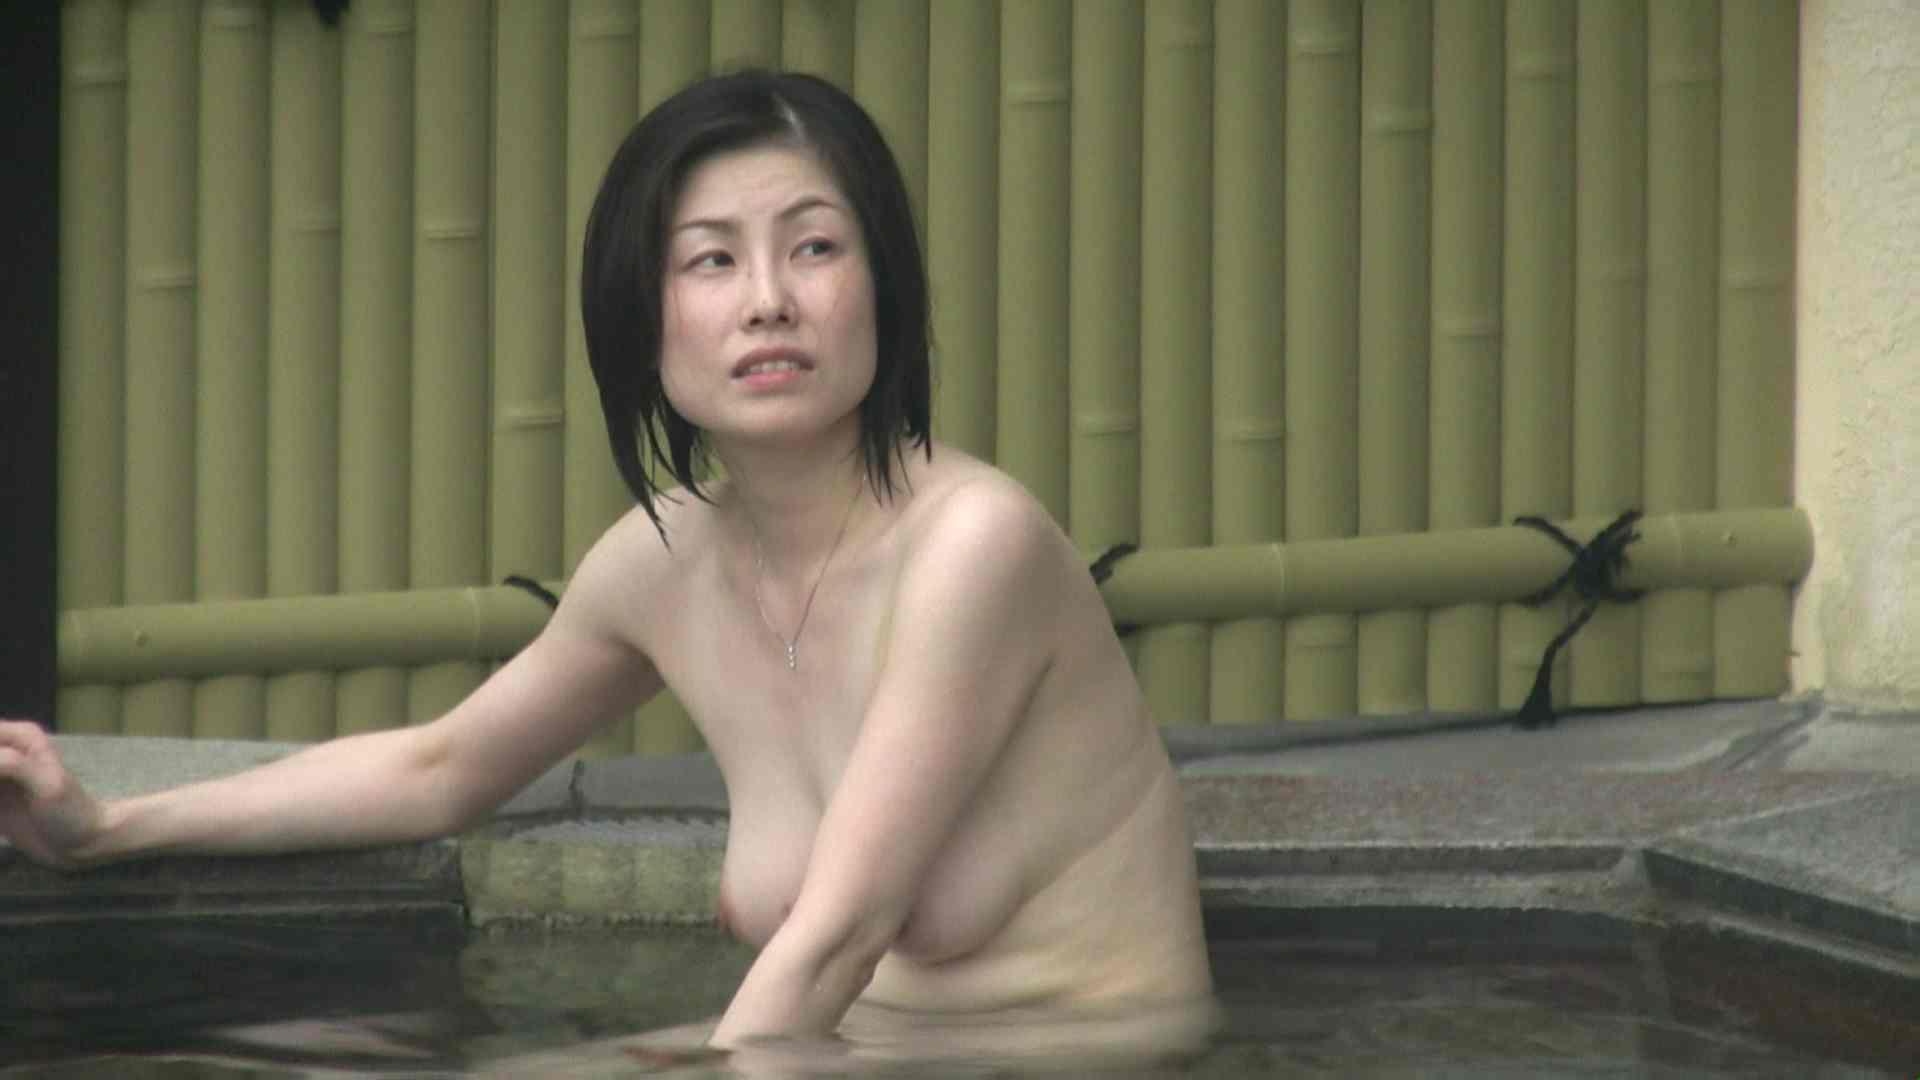 高画質露天女風呂観察 vol.035 入浴 エロ無料画像 84枚 54